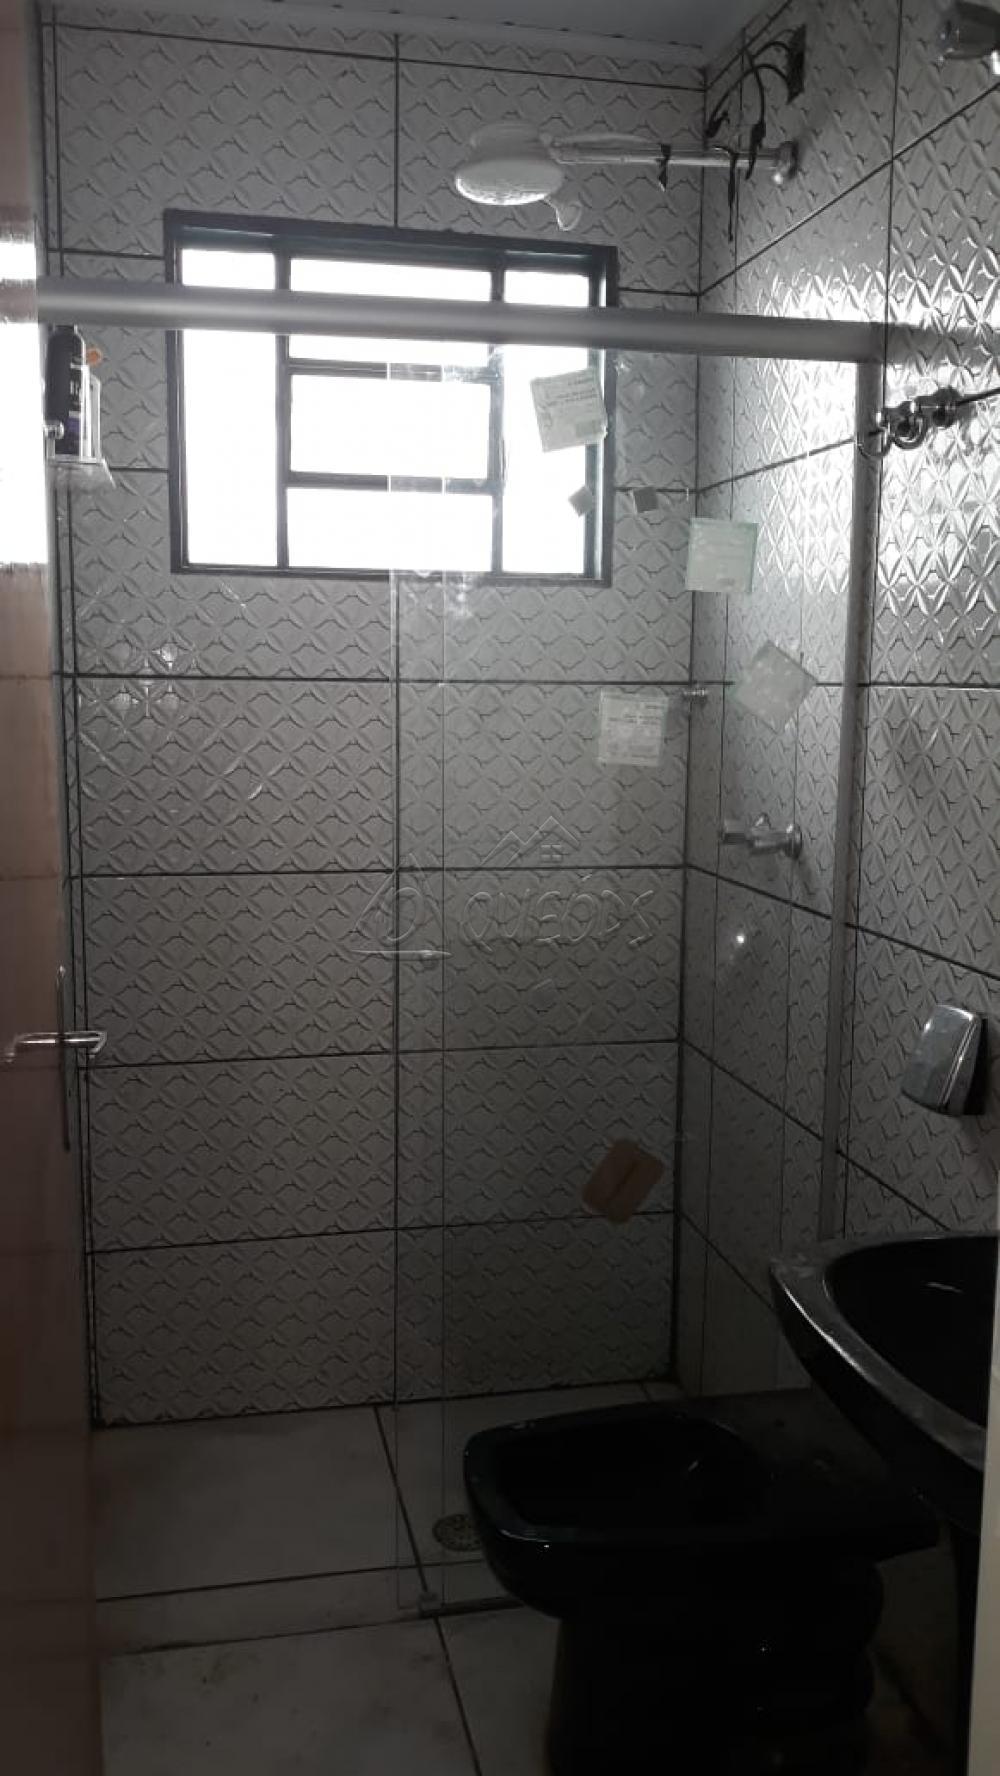 Alugar Casa / Padrão em Barretos apenas R$ 800,00 - Foto 12